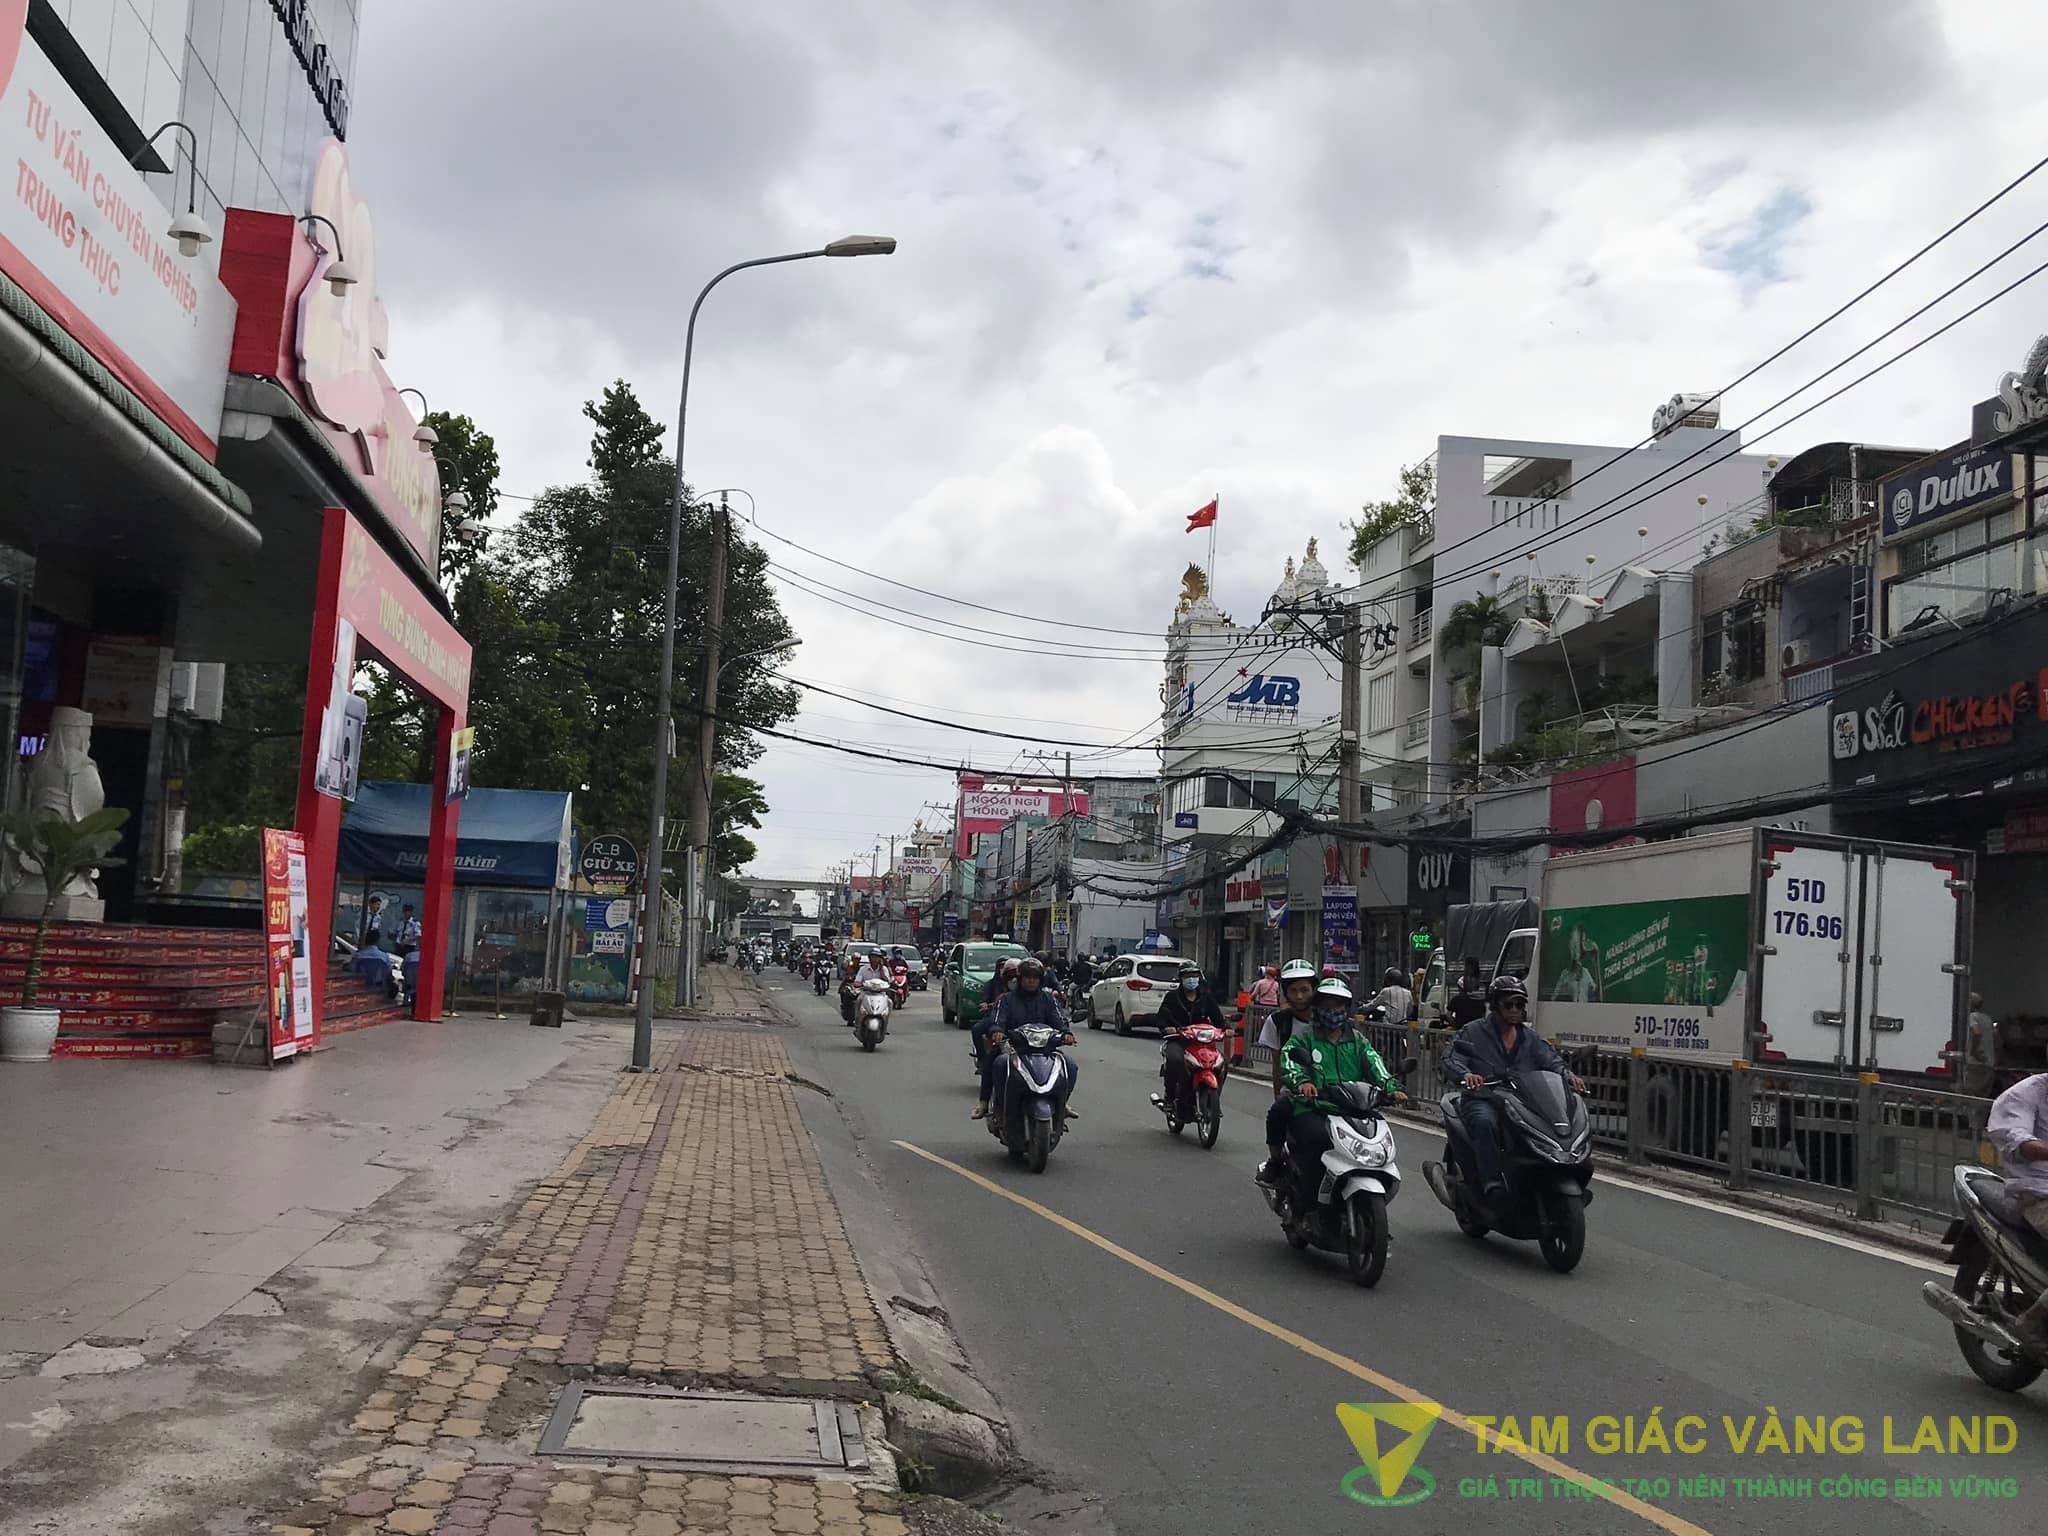 Cho thuê mặt bằng đường Võ Văn Ngân, Phường Linh Chiểu, Quận Thủ Đức, DT 4x12m, 1 trệt, Giá 45 triệu/tháng